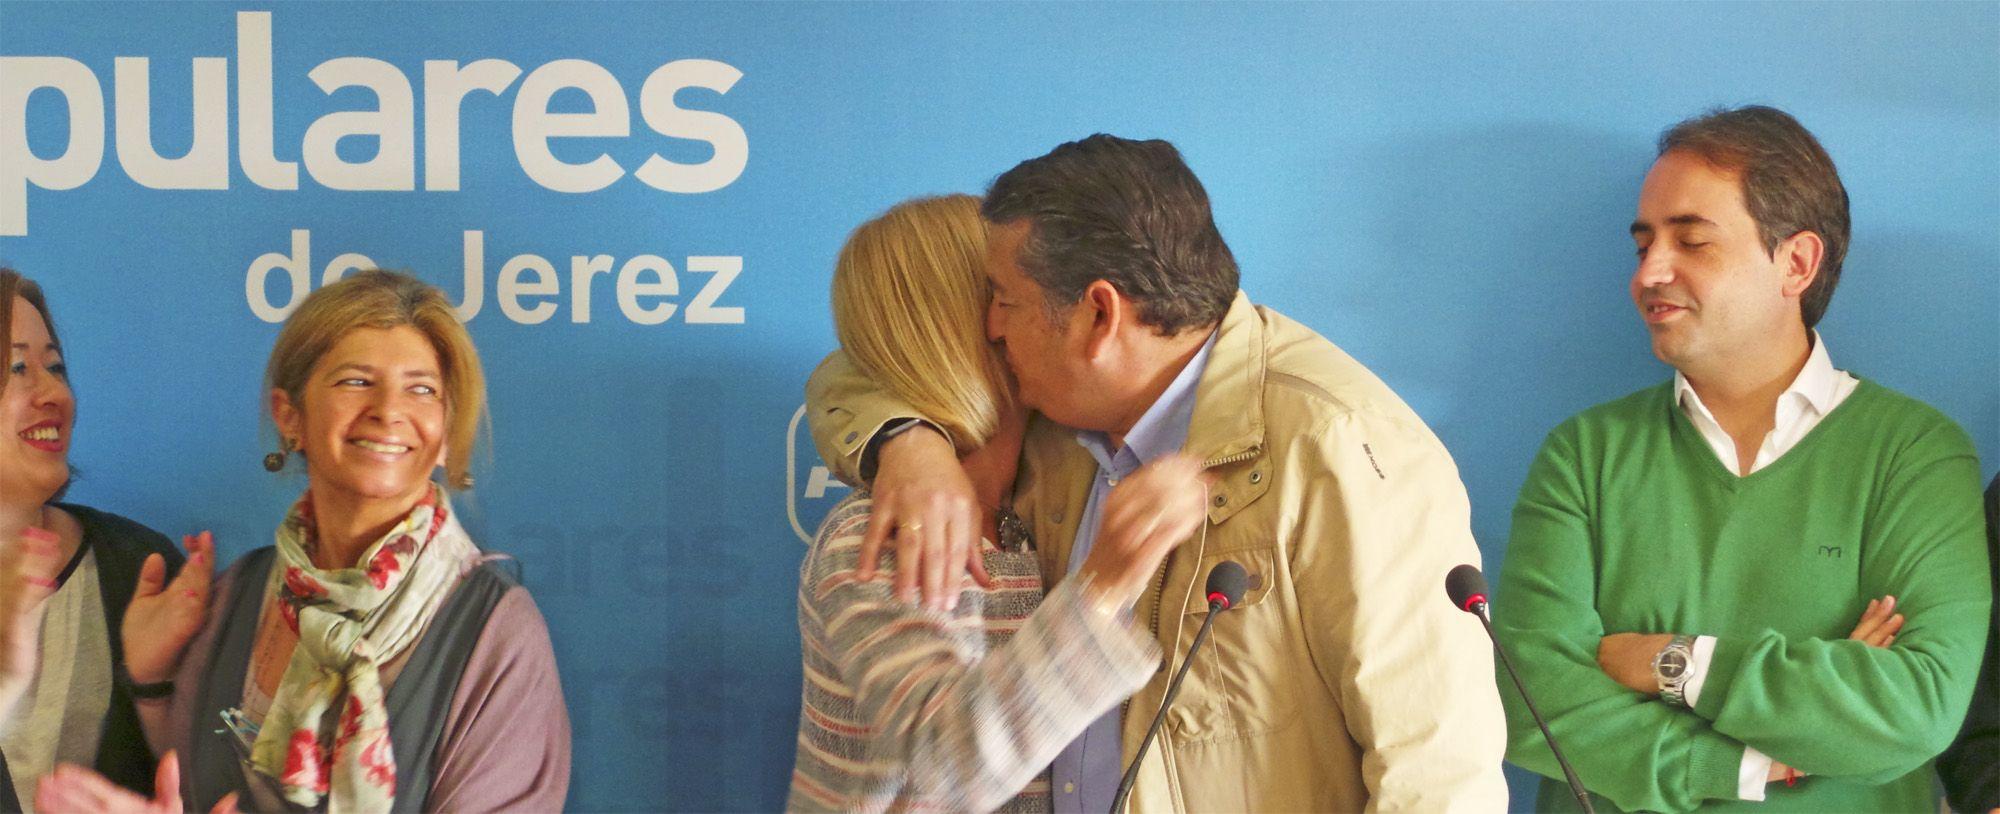 Antonio Sanz besa a María José García-Pelayo, Rueda de Prensa en la sede del PP Jerez 30 Abr 2016 | MIRA Comunicación